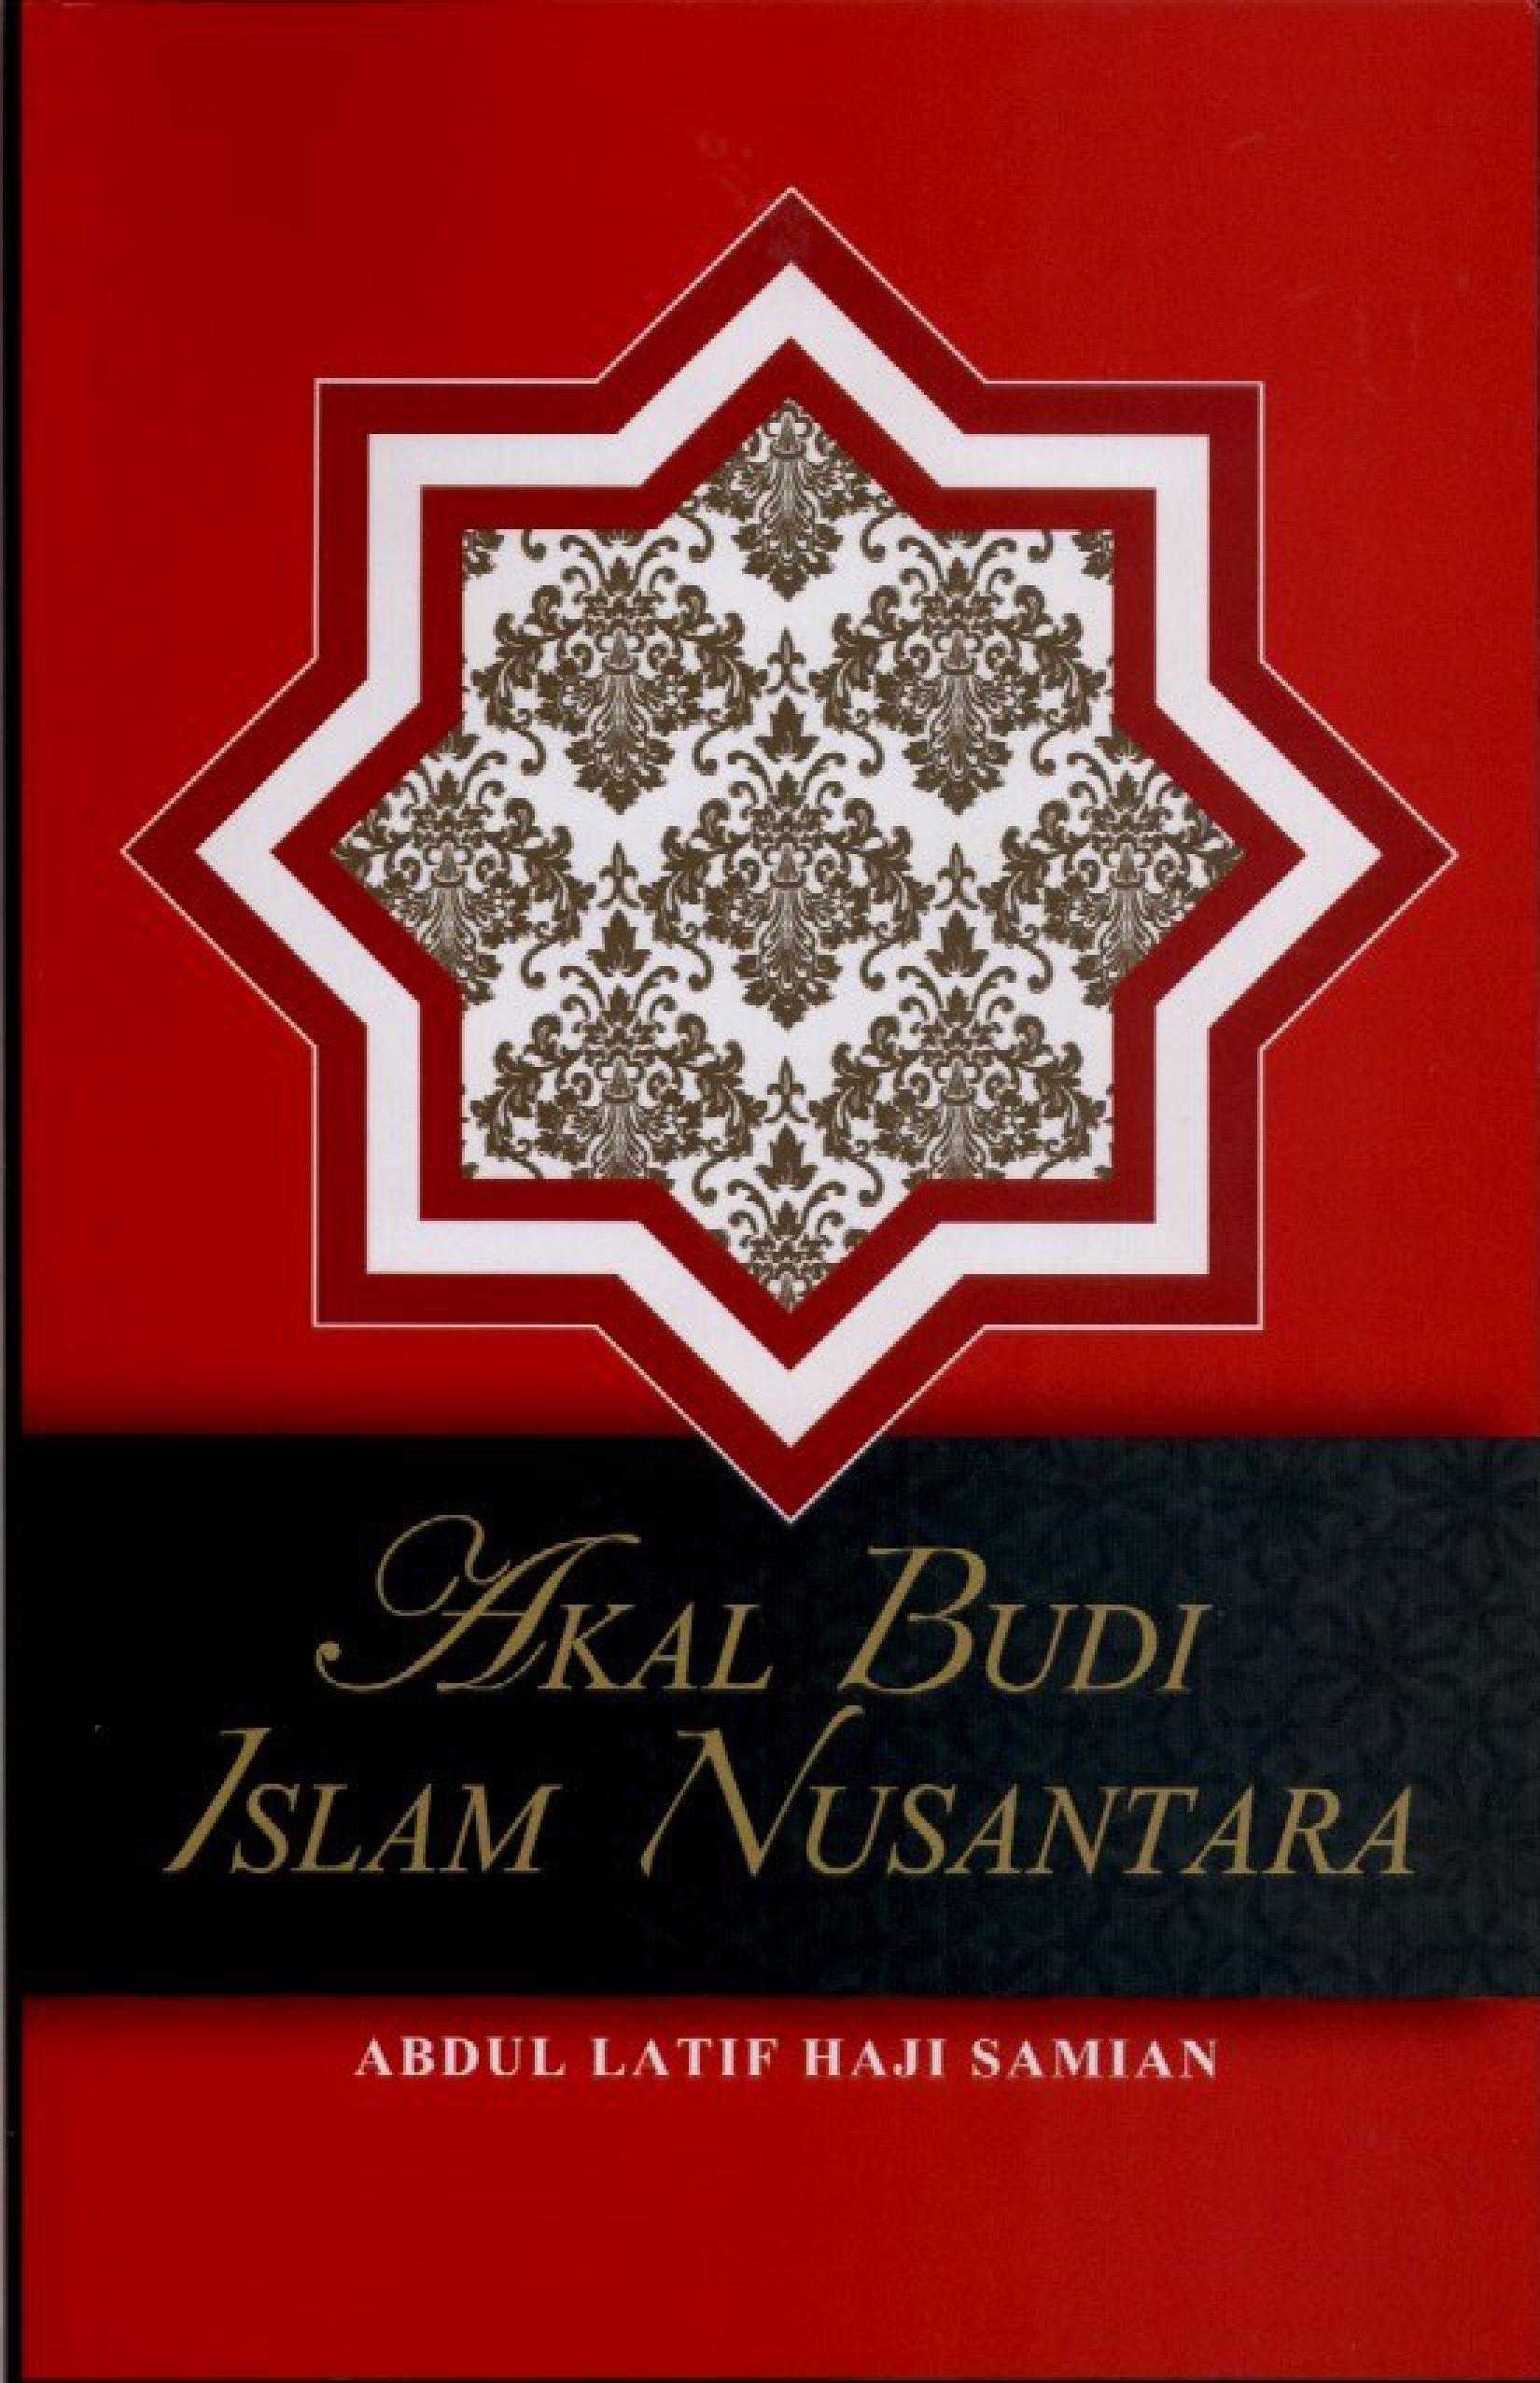 Akal budi Islam nusantara